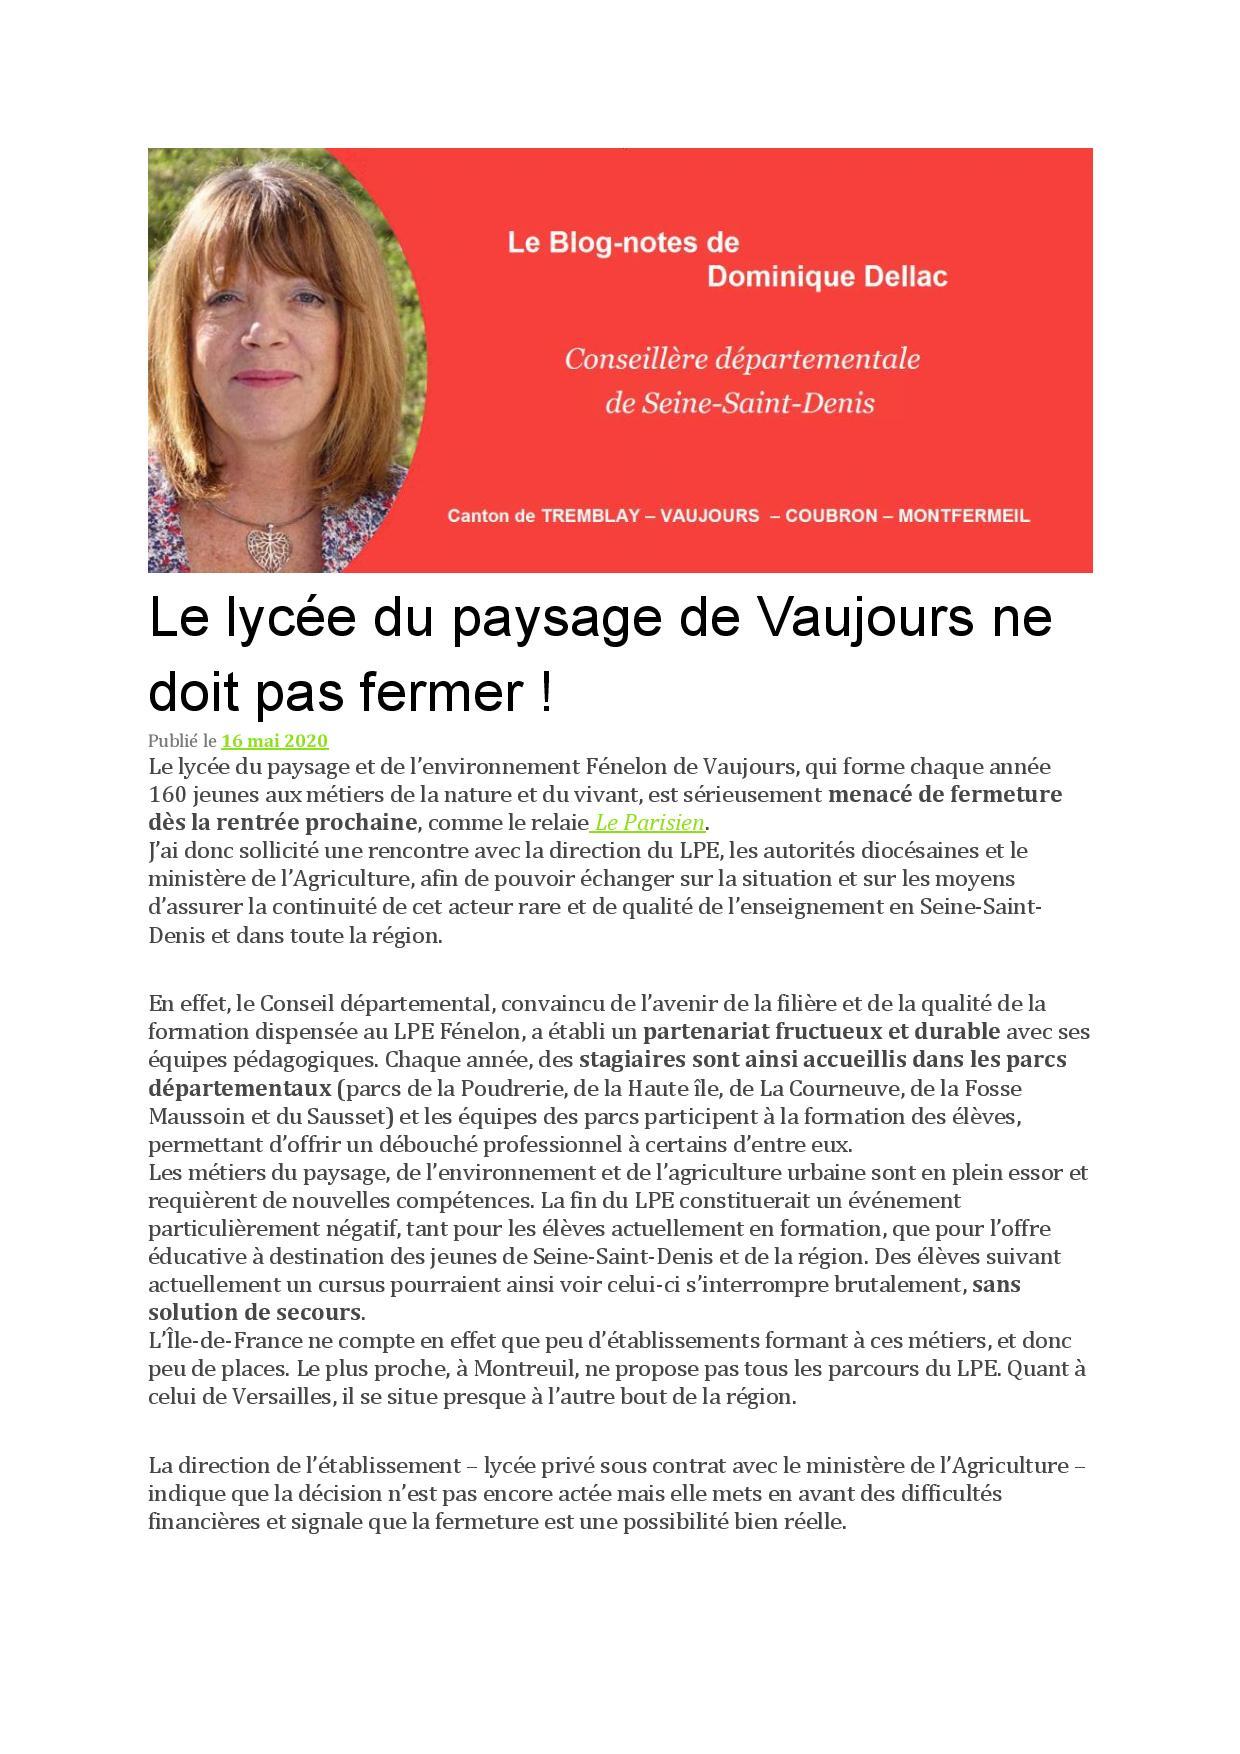 Le_lycée_du_paysage_de_Vaujours_ne_doit_pas_fermer-page-001.jpg